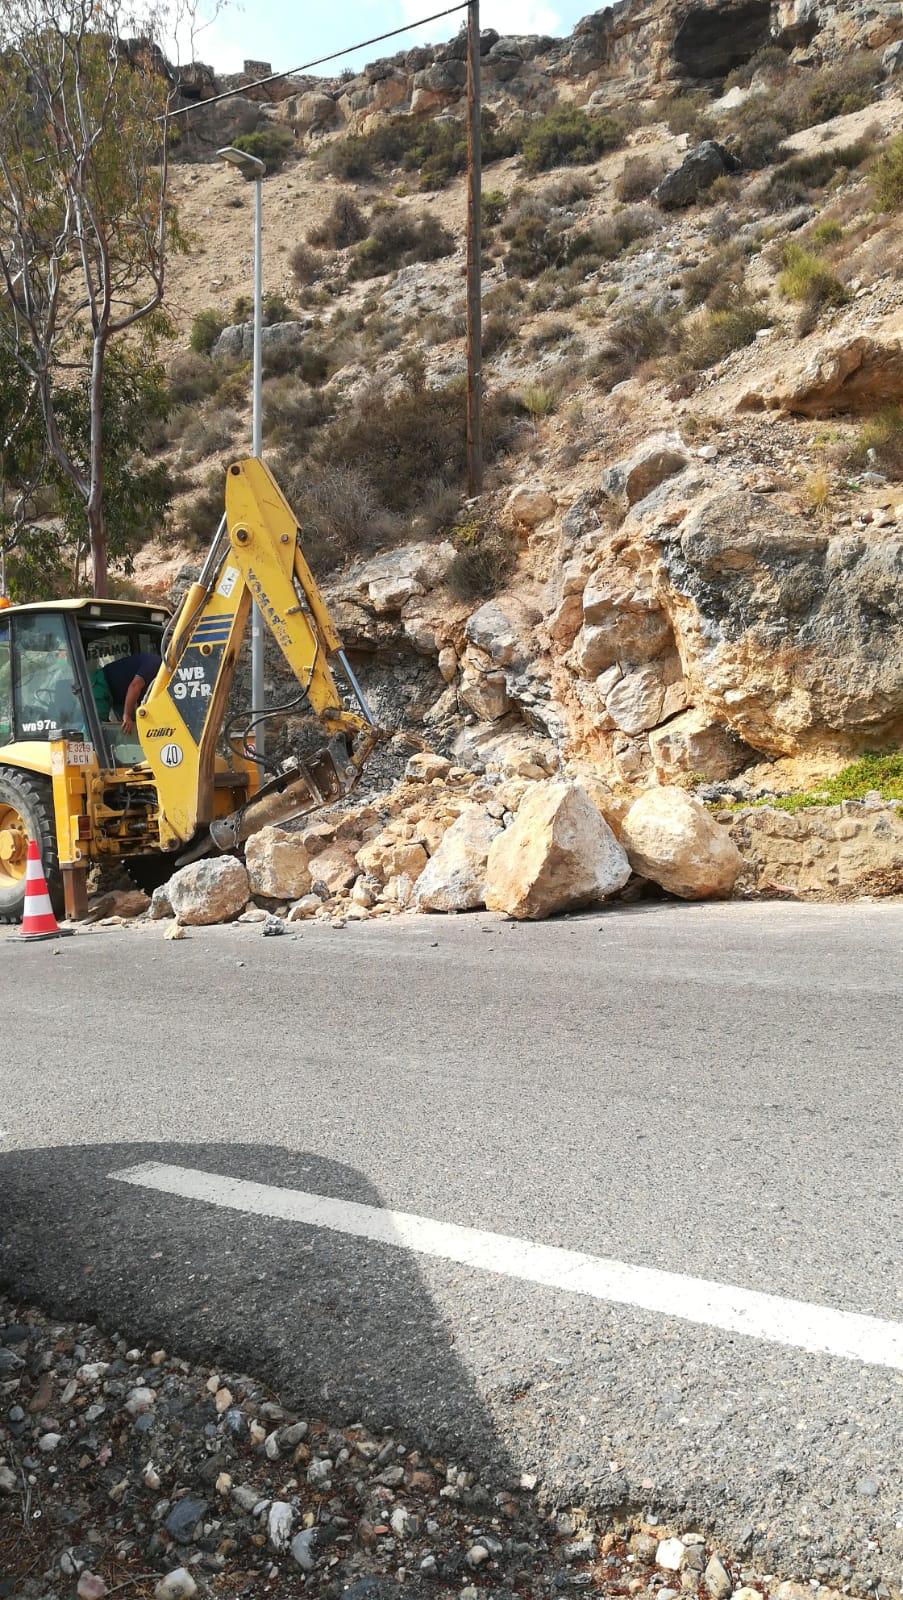 La construcción de un carril peatonal y la instalación de una parada de autobús mejorarán la conexión entre Castell del Rey y la ciudad